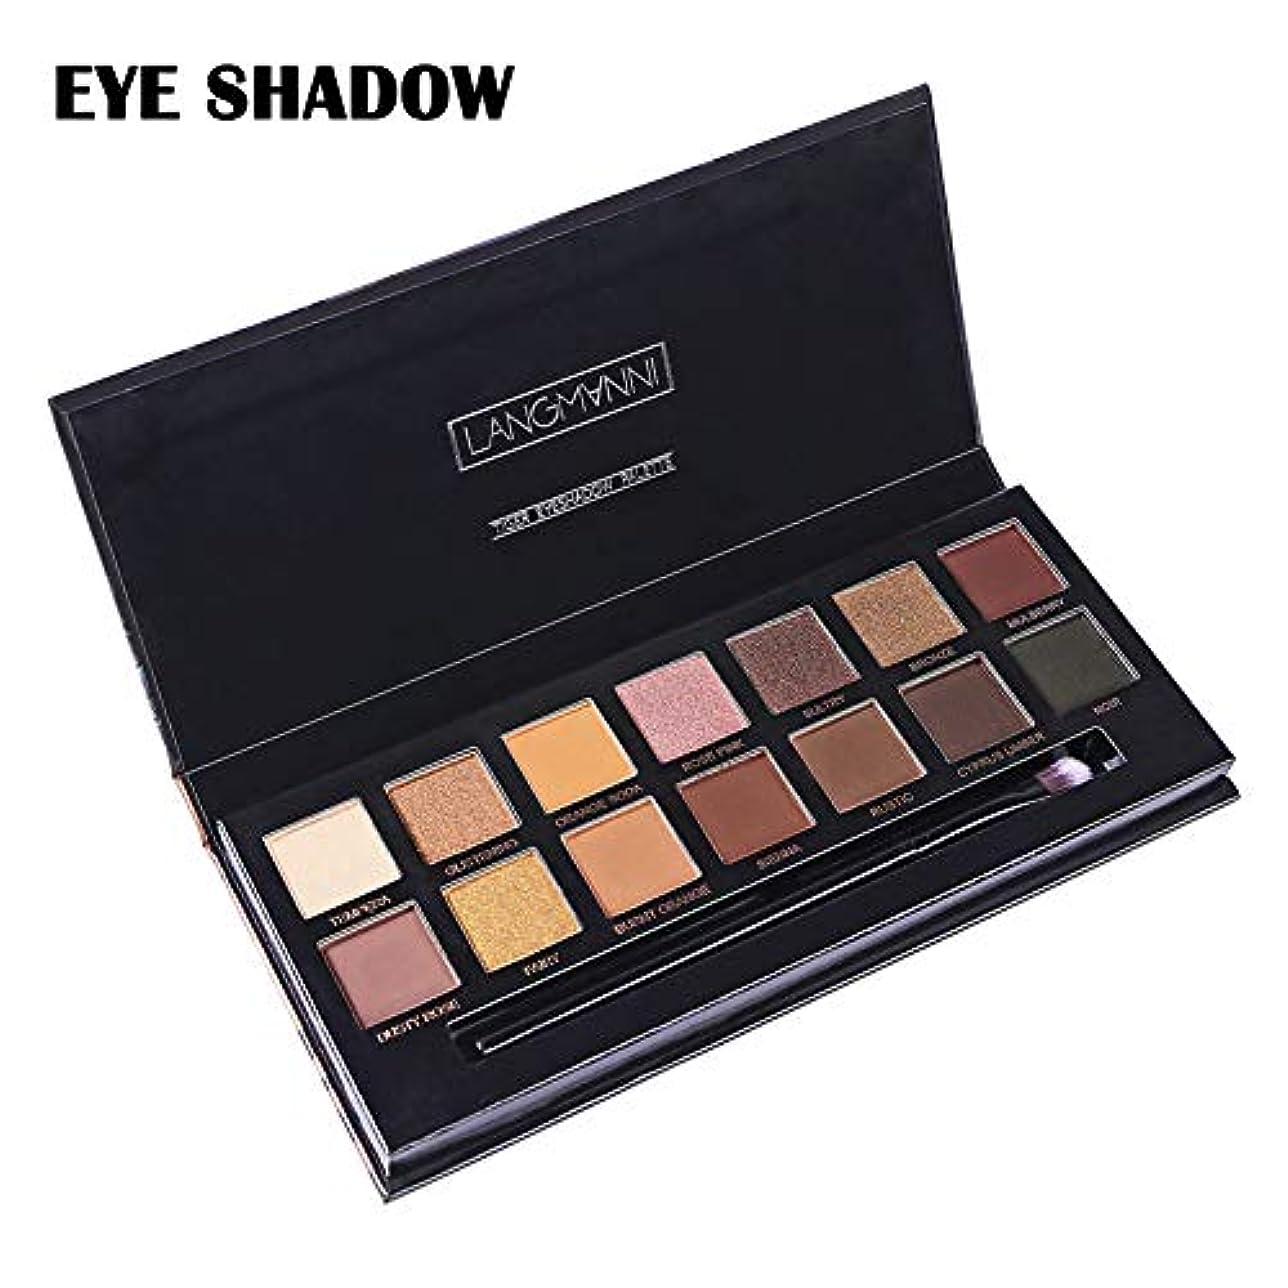 問い合わせる健全礼儀Symboat 1Pcs 14色 Eye Shadow アイシャドウパレット メイクパレット アイシャドウベース 化粧 マット グリッター 長持ち 高発色 自然立体